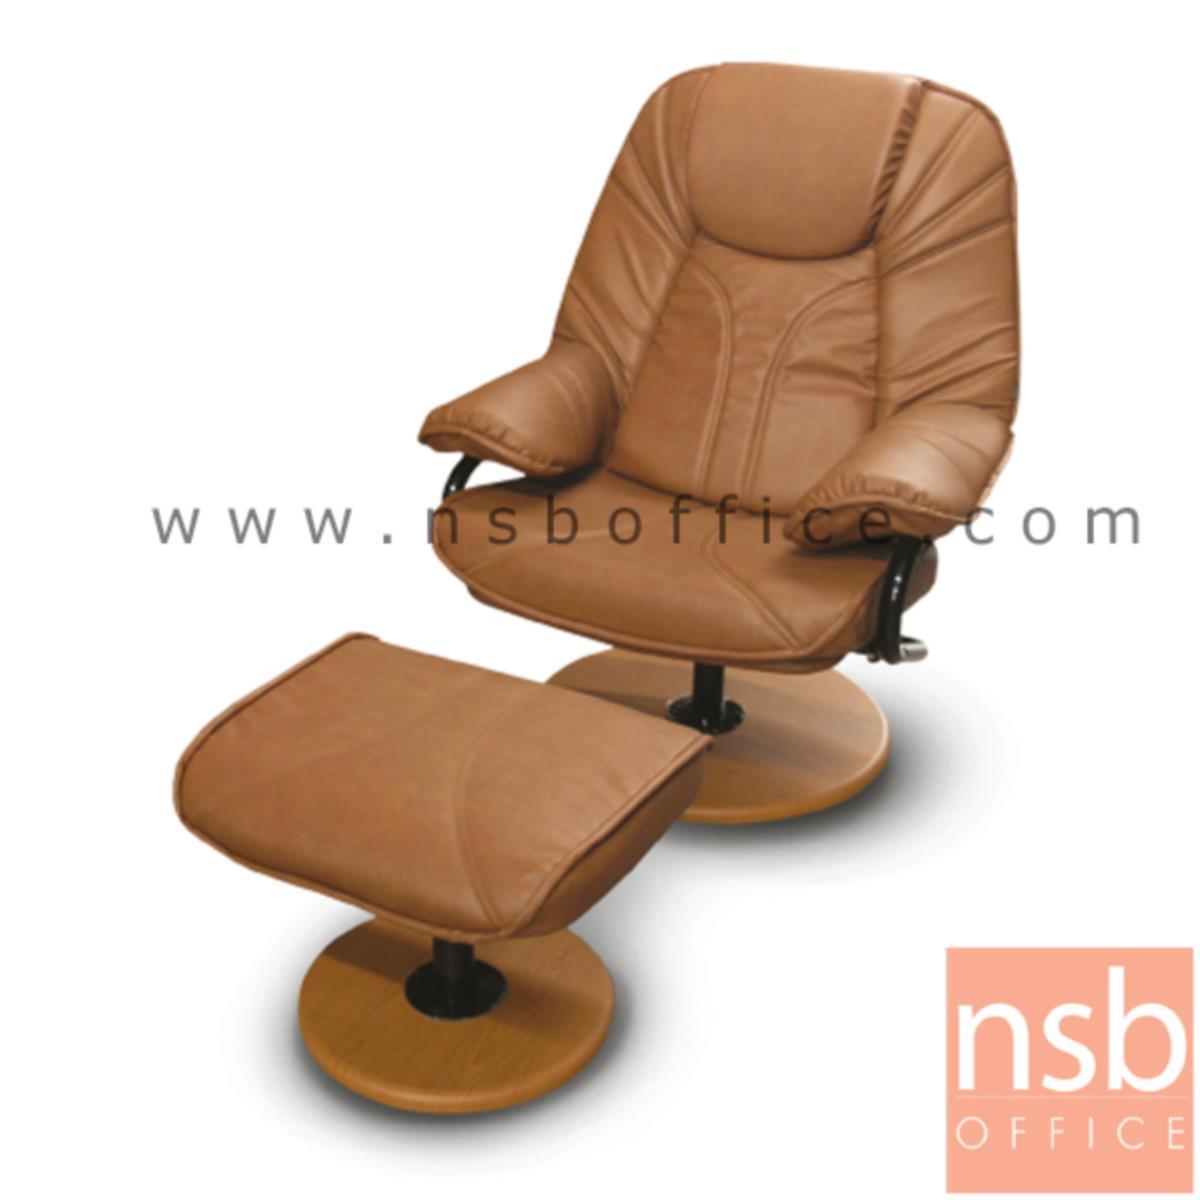 B11A027:เก้าอี้พักผ่อน รุ่น Quentin (เควนติน) ขนาด 82W cm. พร้อมที่วางเท้า